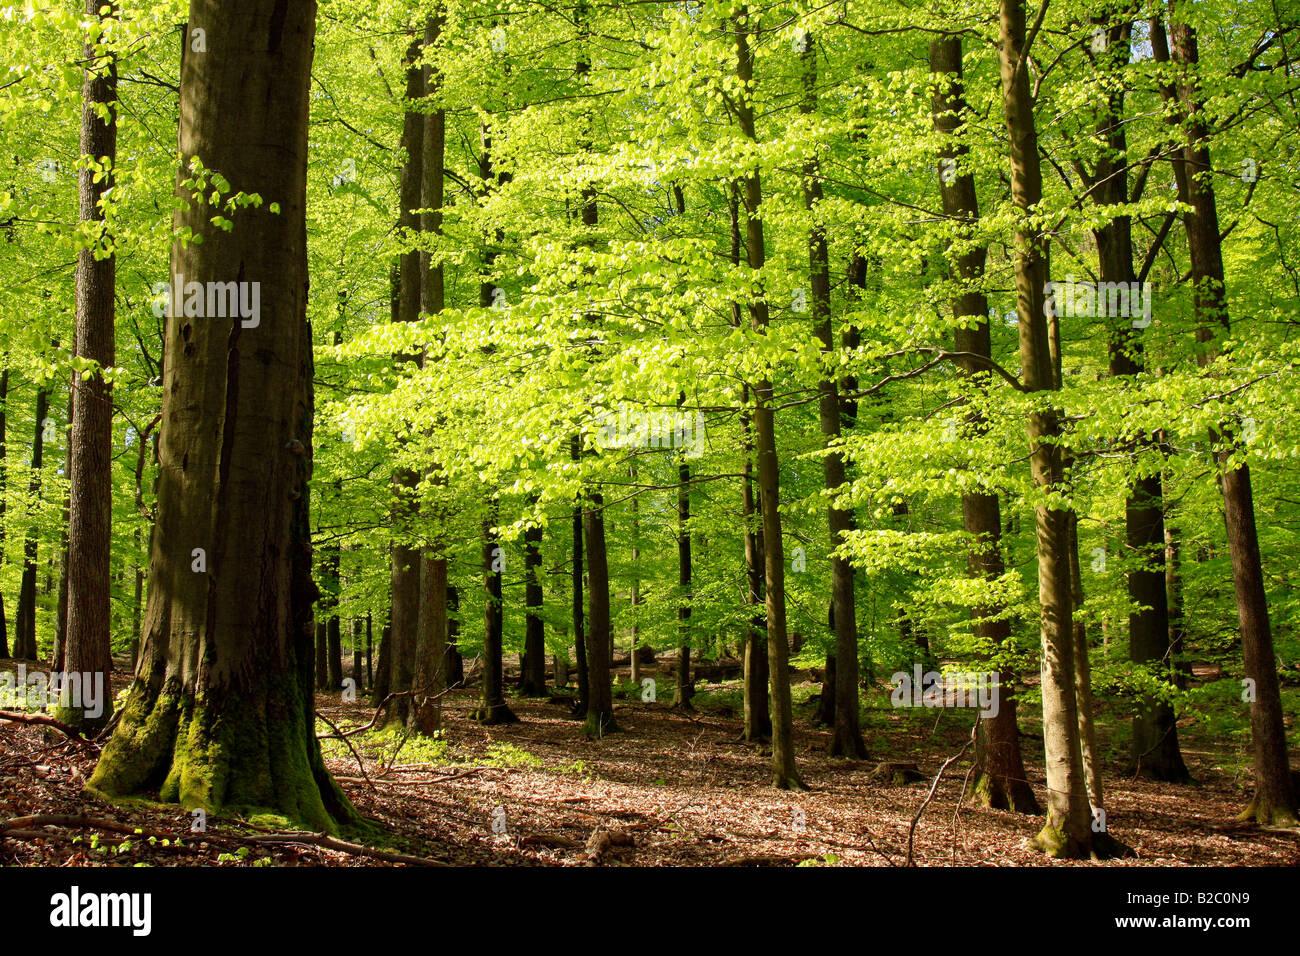 Forêt de hêtres en mai, le printemps Banque D'Images